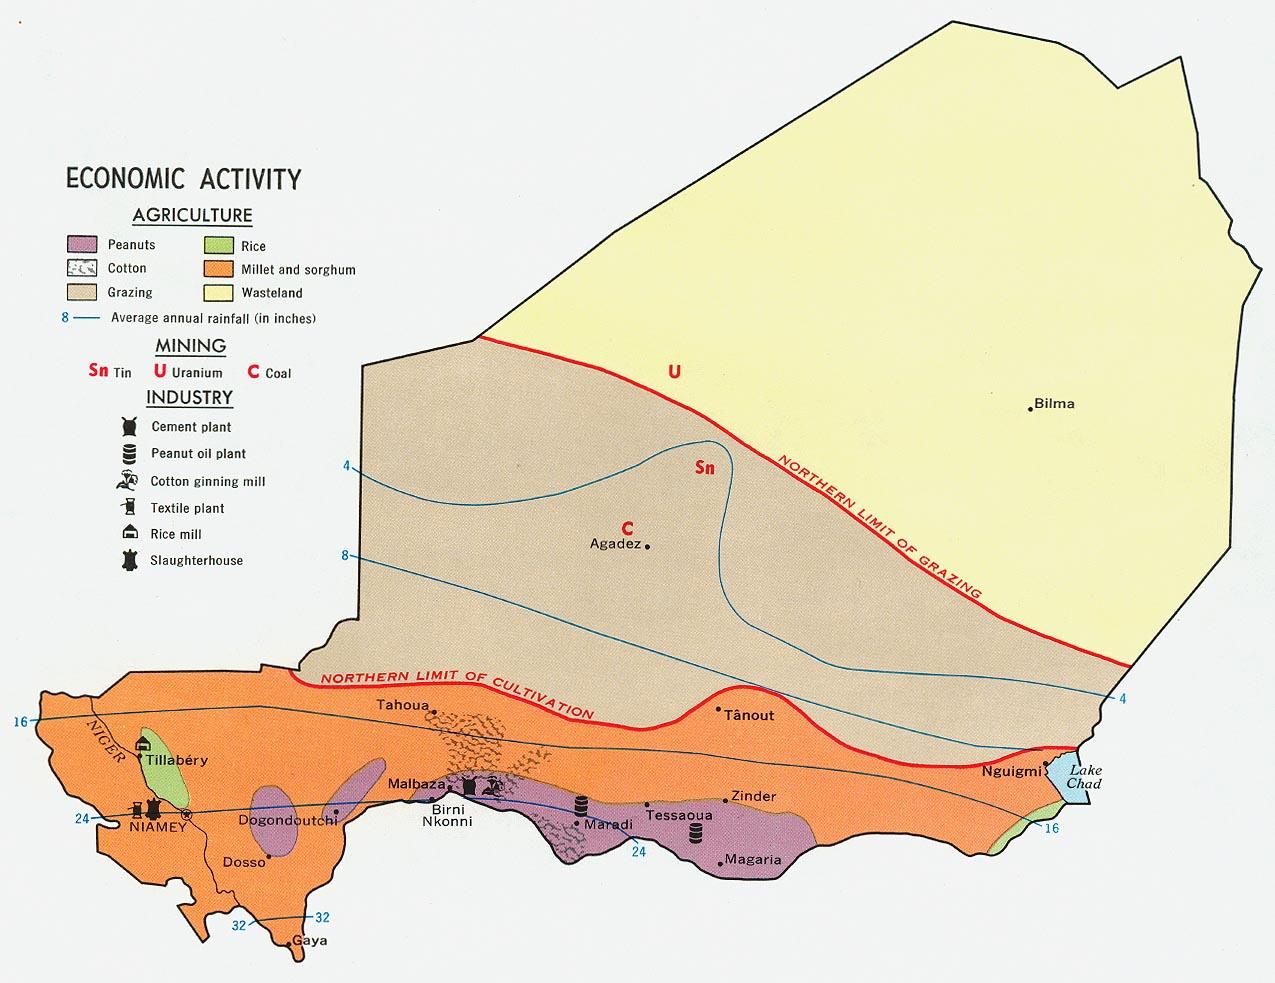 Mapa de la Actividad Económica de Níger